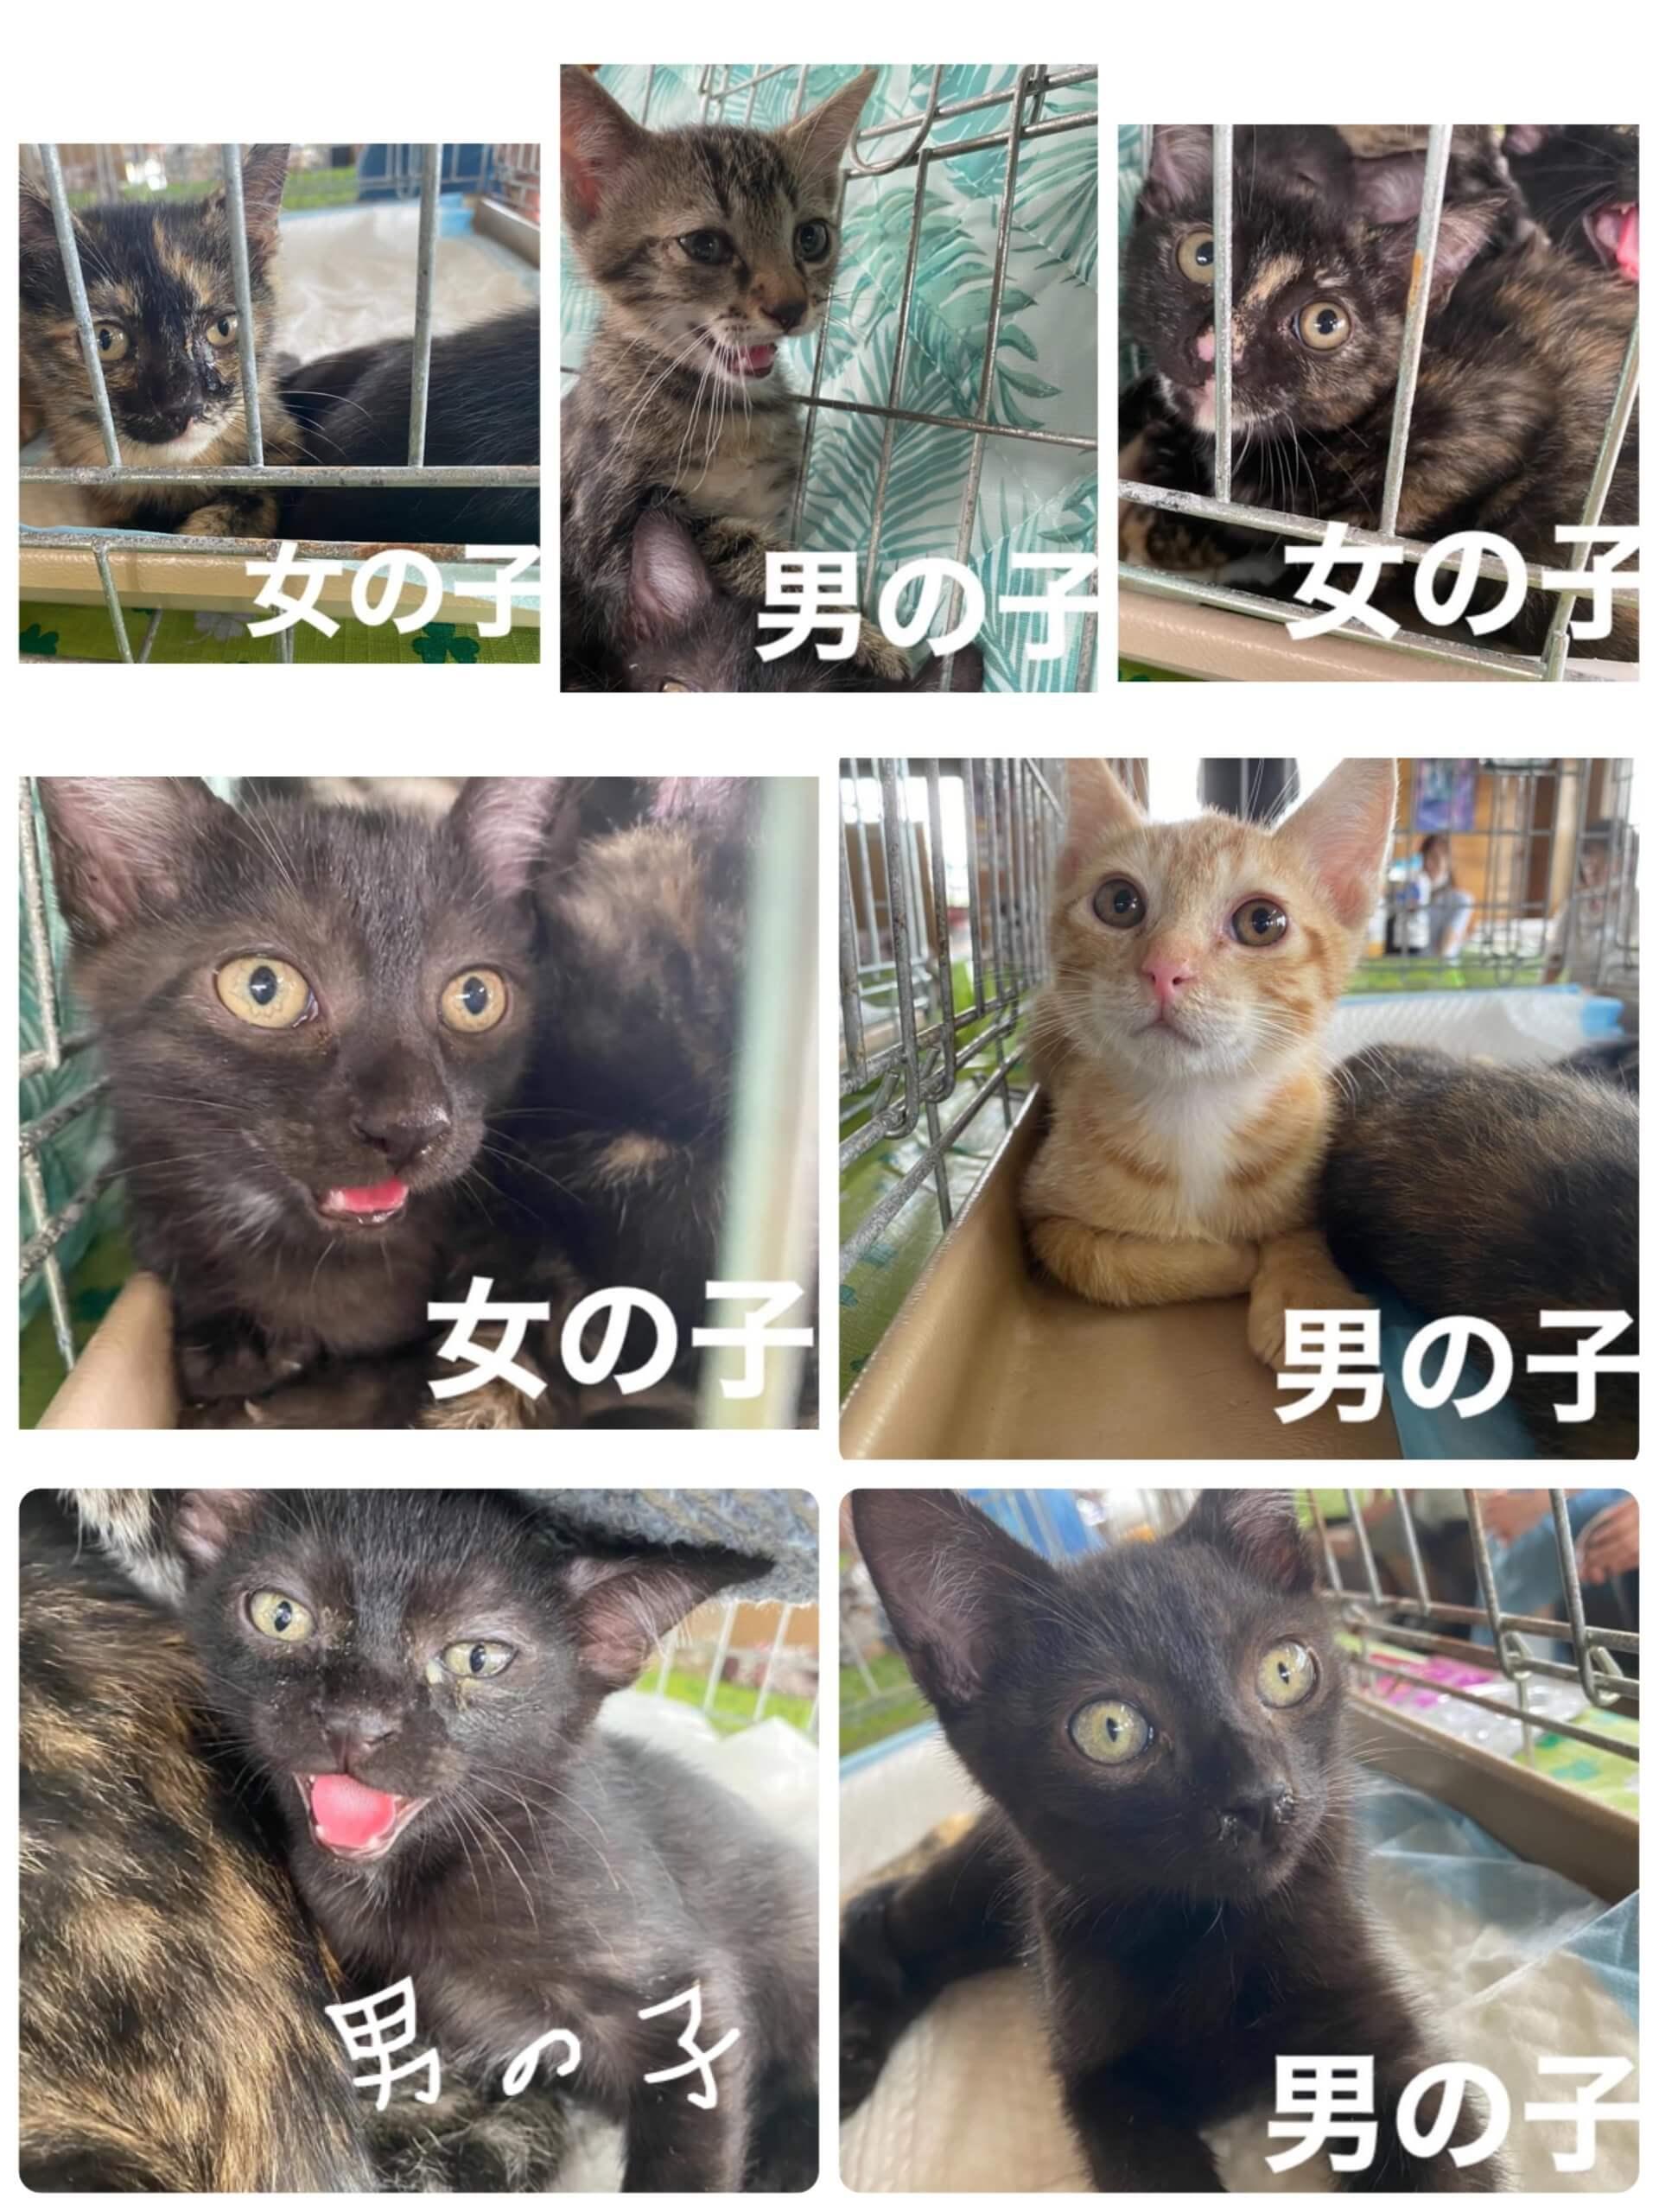 緊急募集 可愛い子猫たち